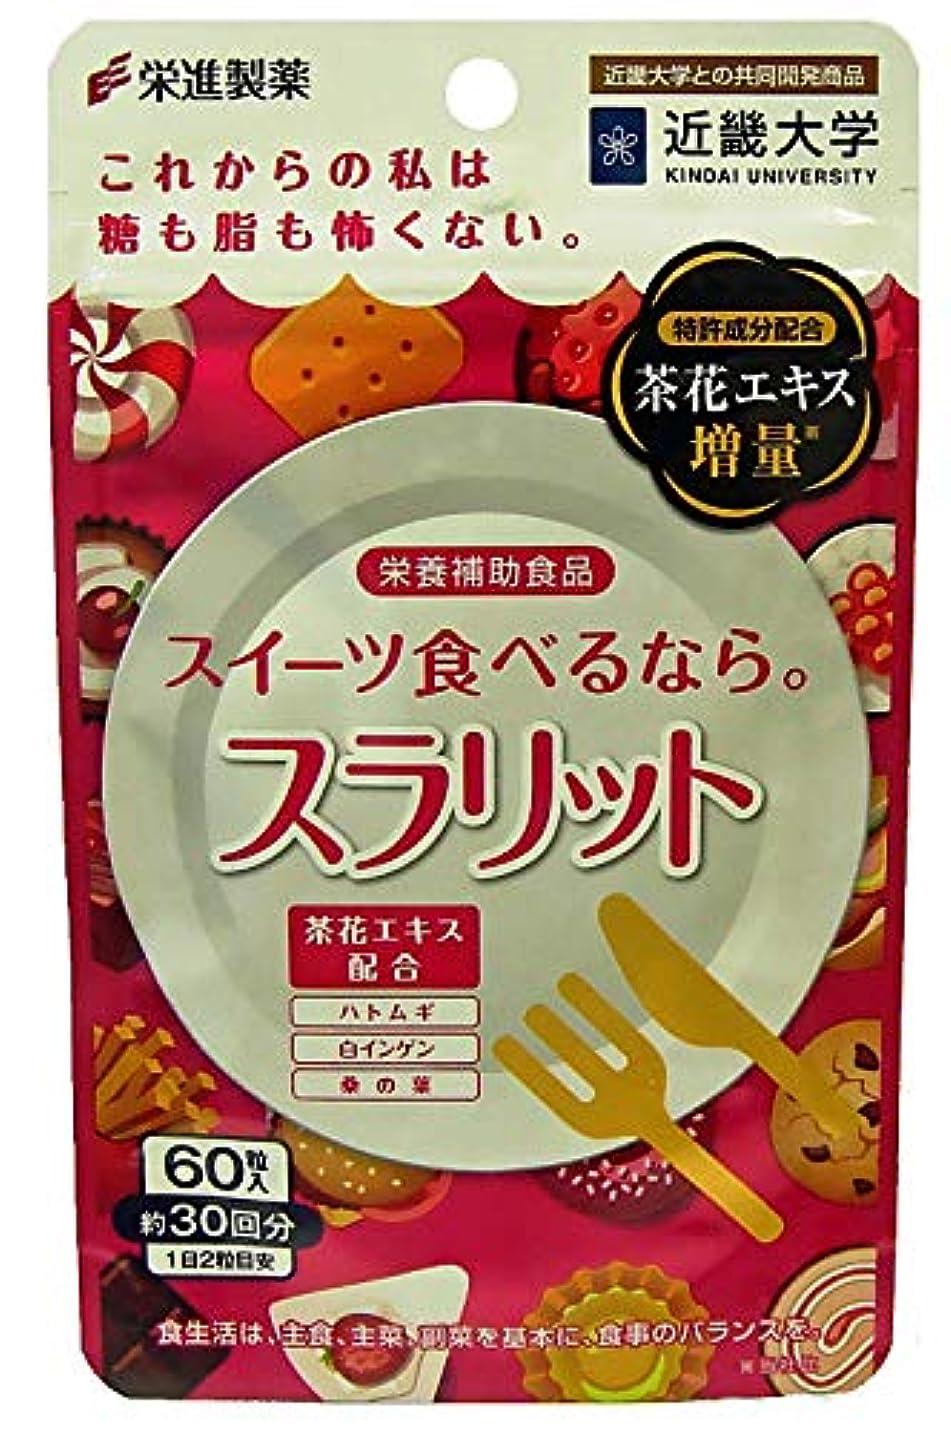 松苦しみ料理をする栄進製薬 スイーツ食べるなら。スラリット 60粒